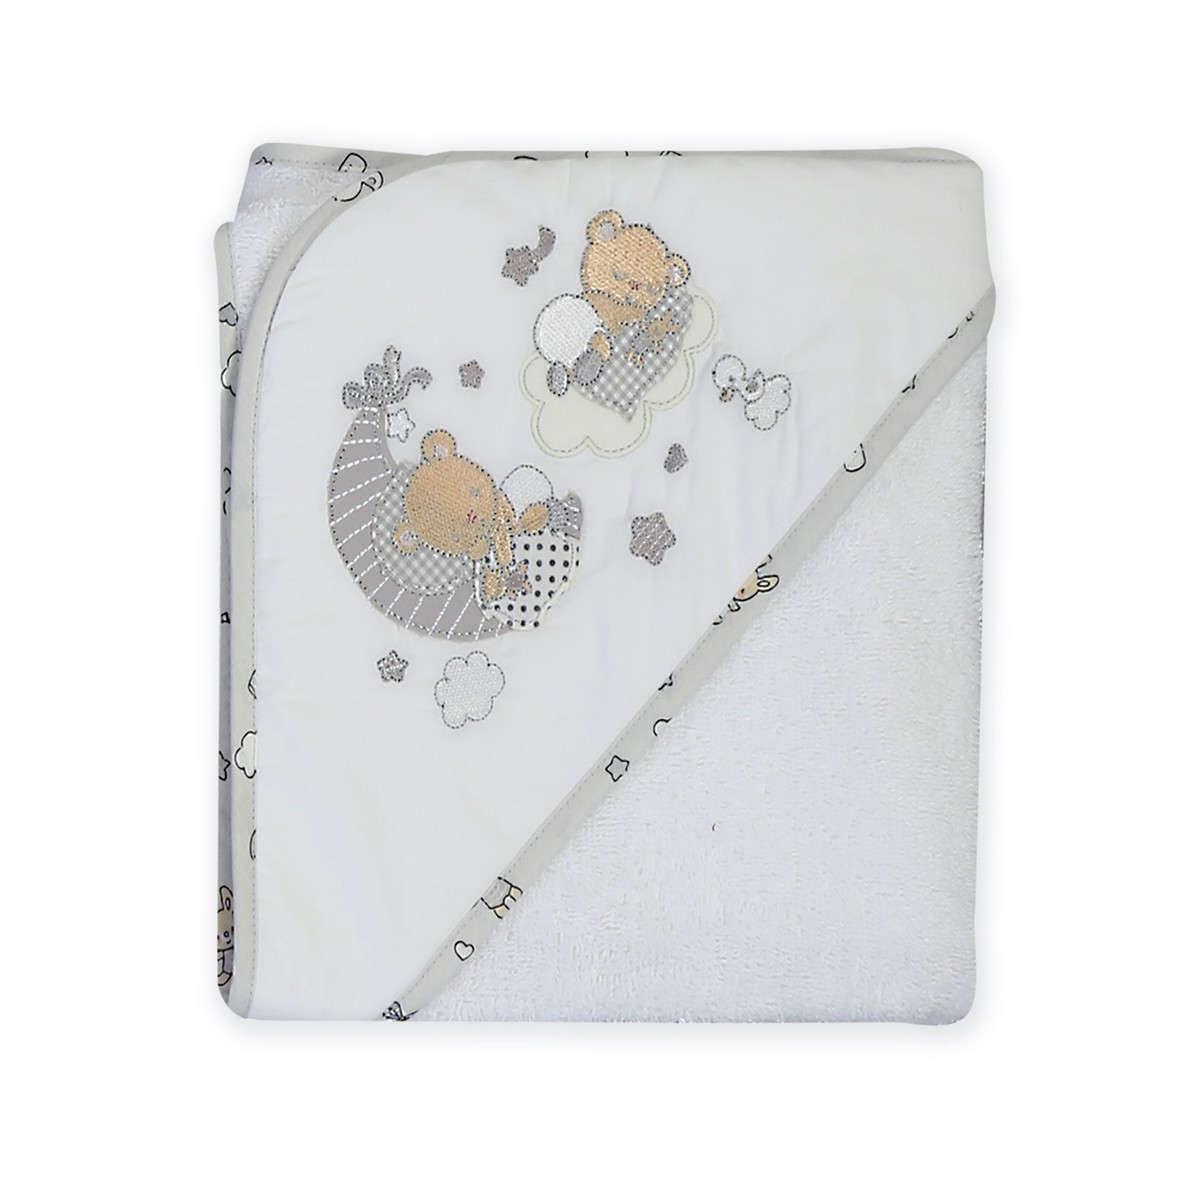 Κάπα Βρεφική Happy Dreaming Grey – White Nef-Nef 0-1 ετών One Size